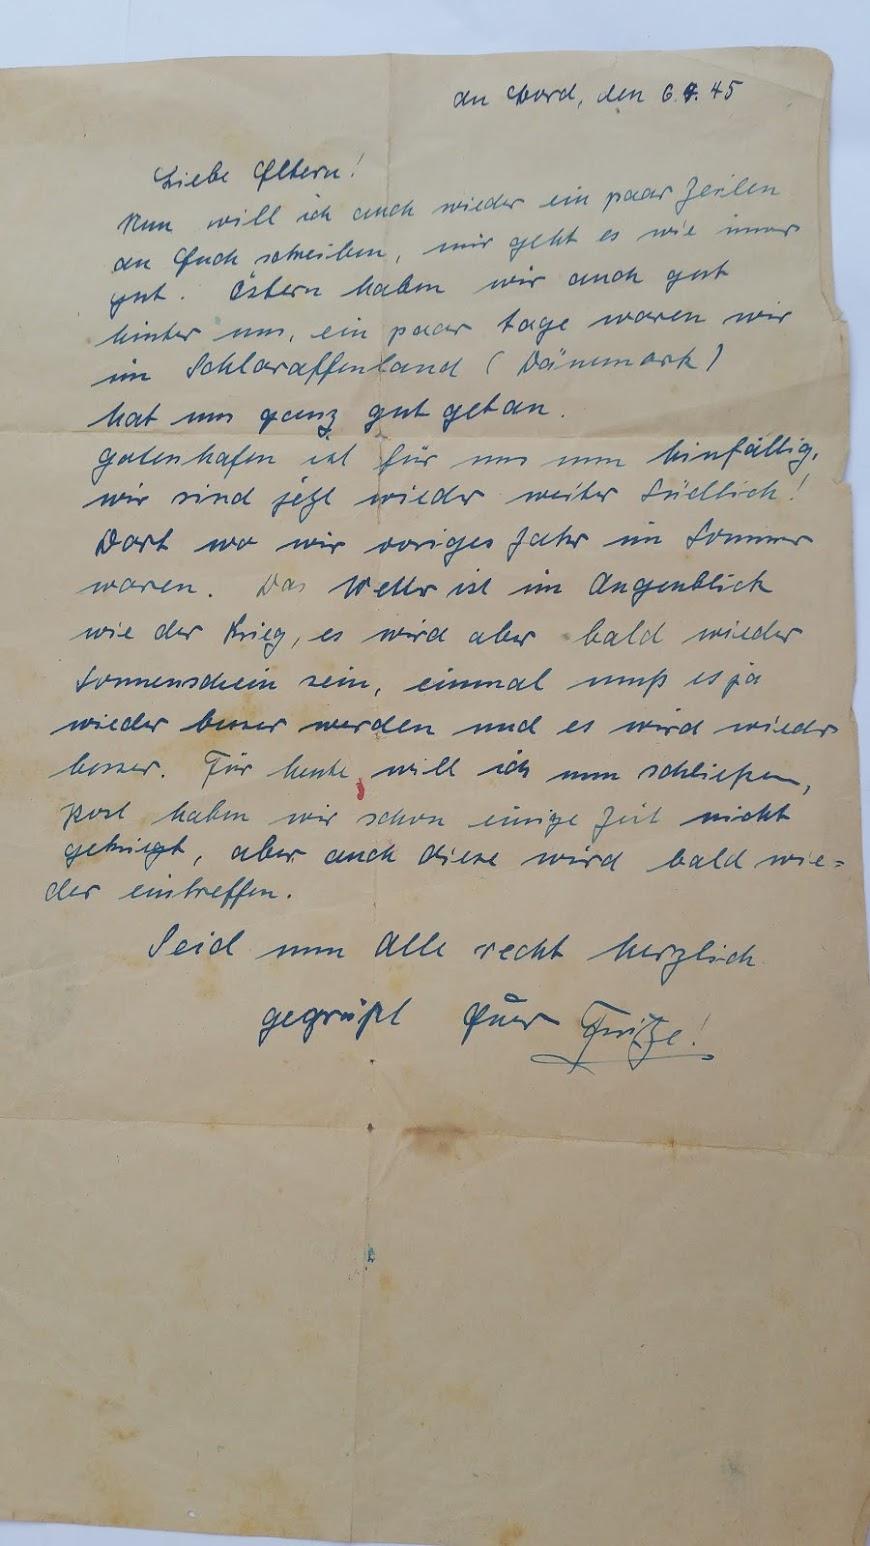 Brief von Bord eines deutschen U-Boots - 6.4.1945